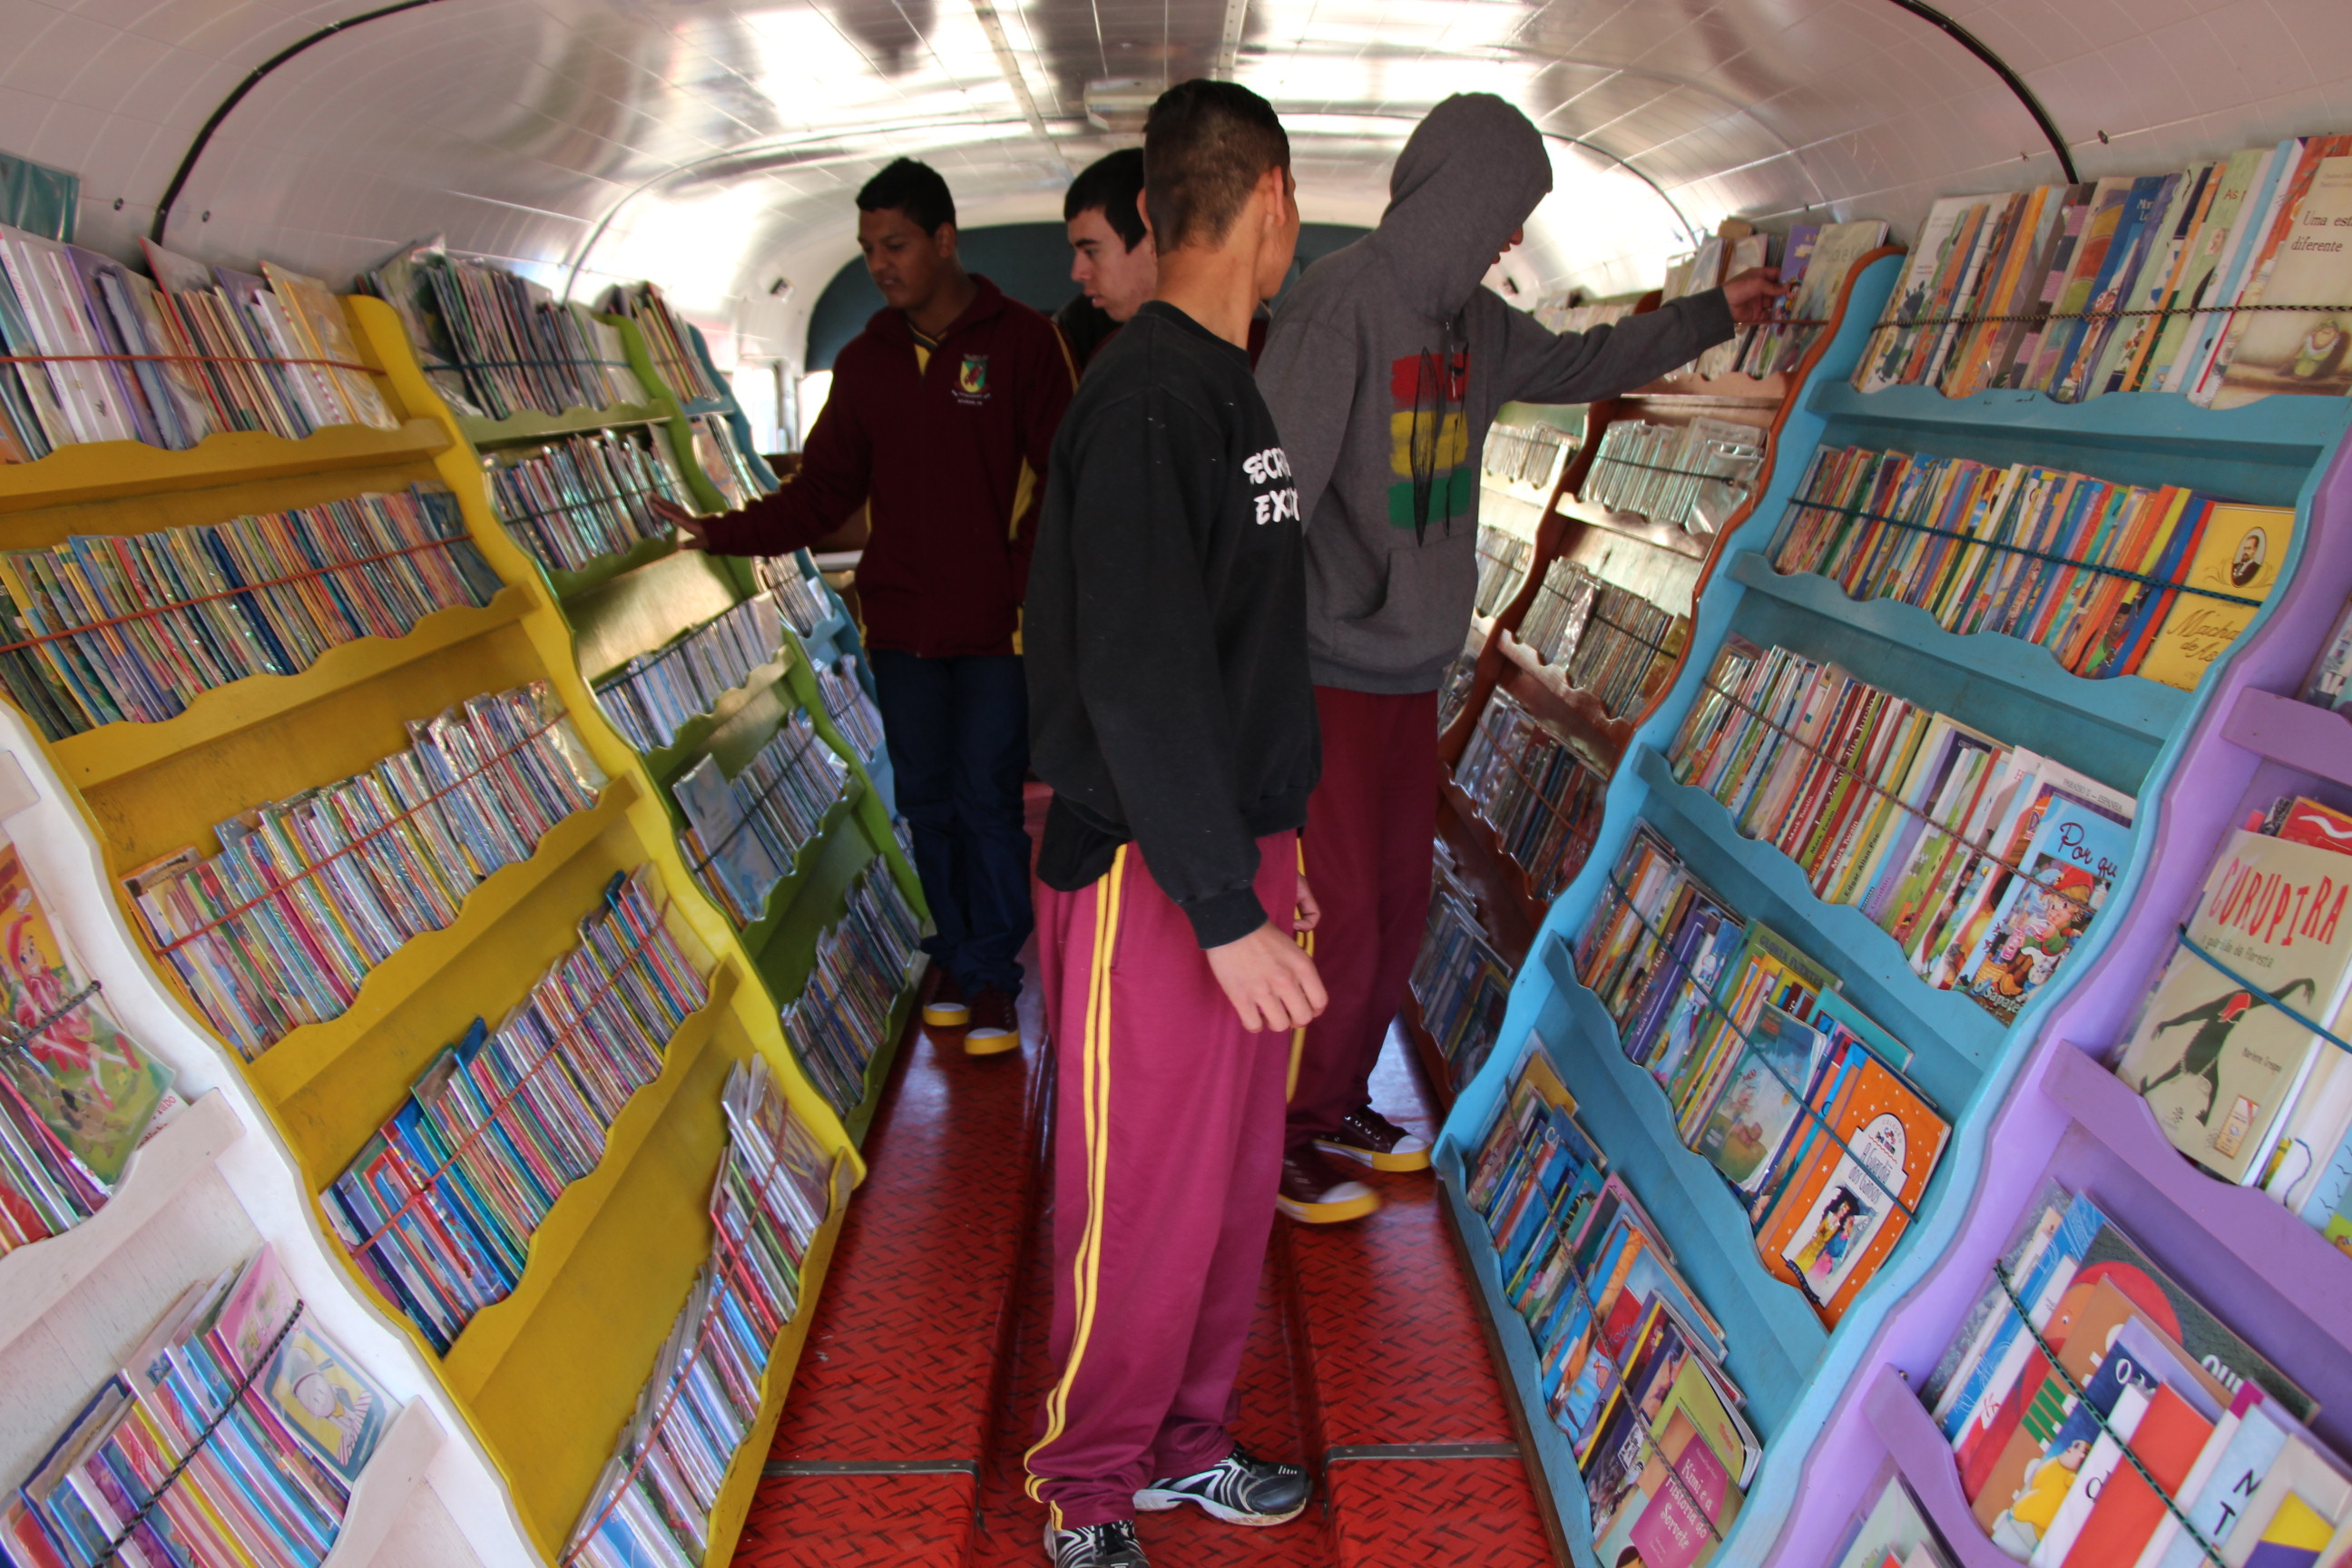 17888be39dadc Atividades do Projeto Viajem da Leitura iniciam na Apae - Educação - Vvale